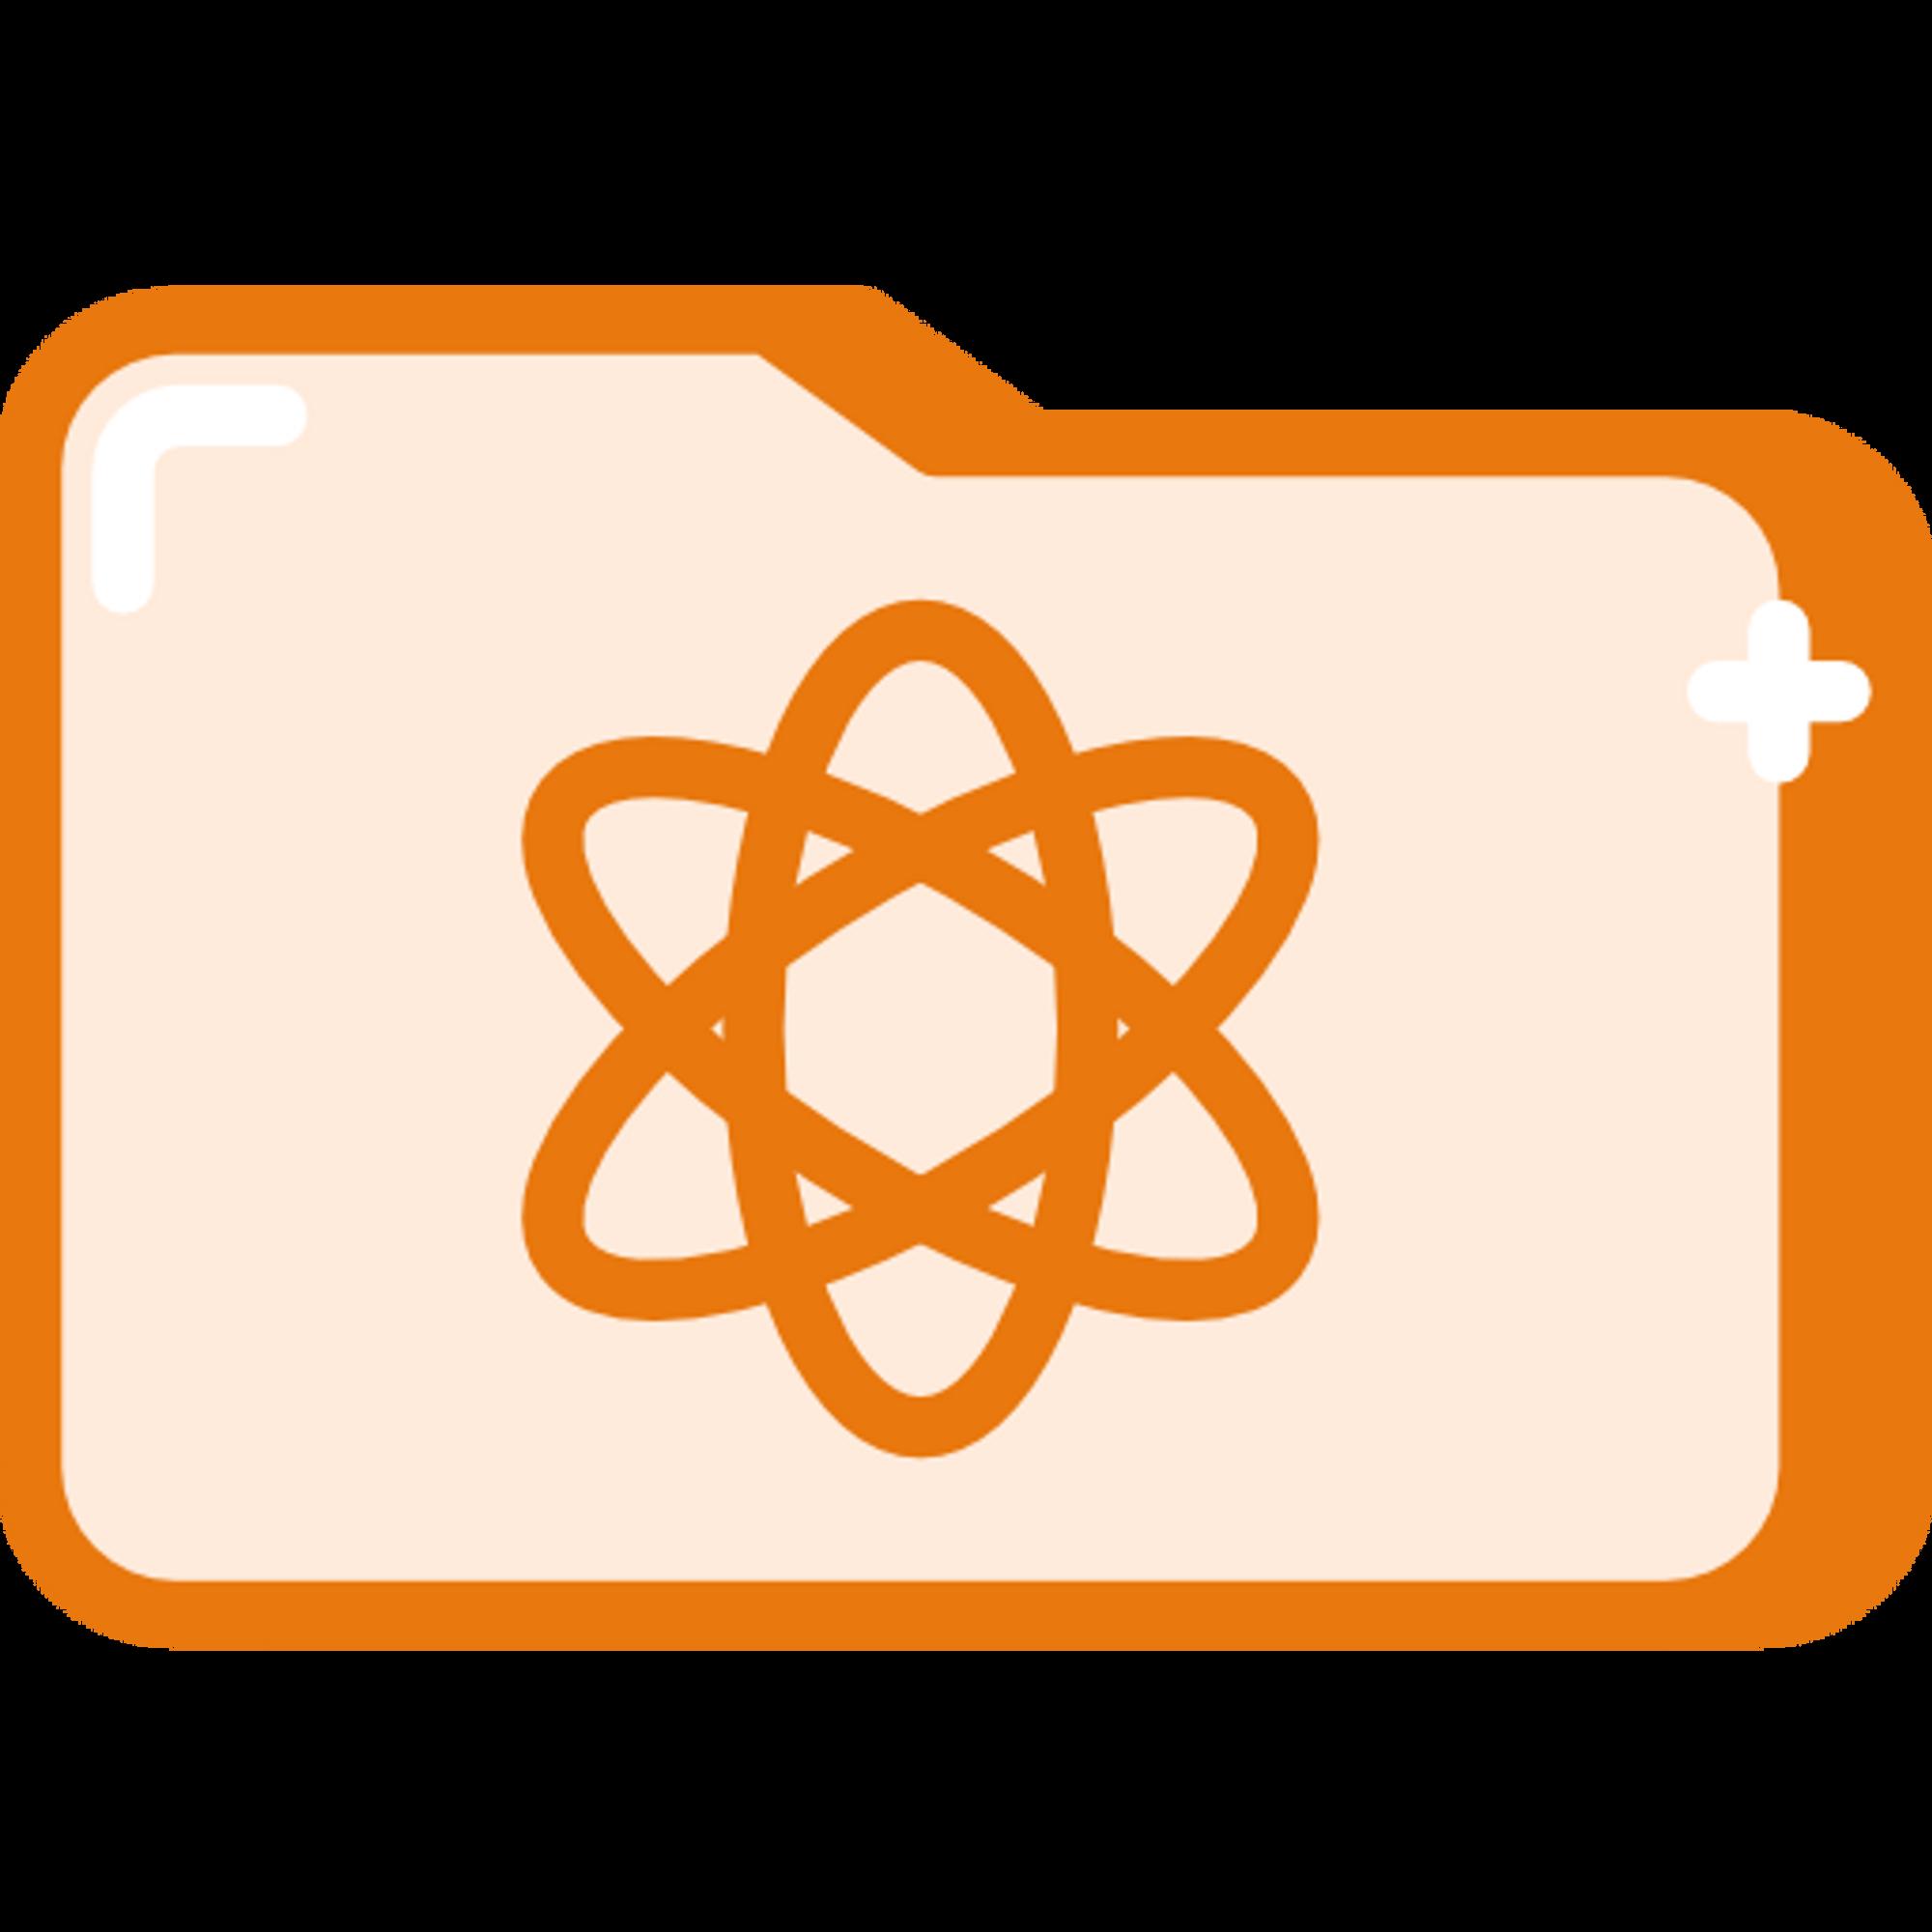 011-folder_orange.png